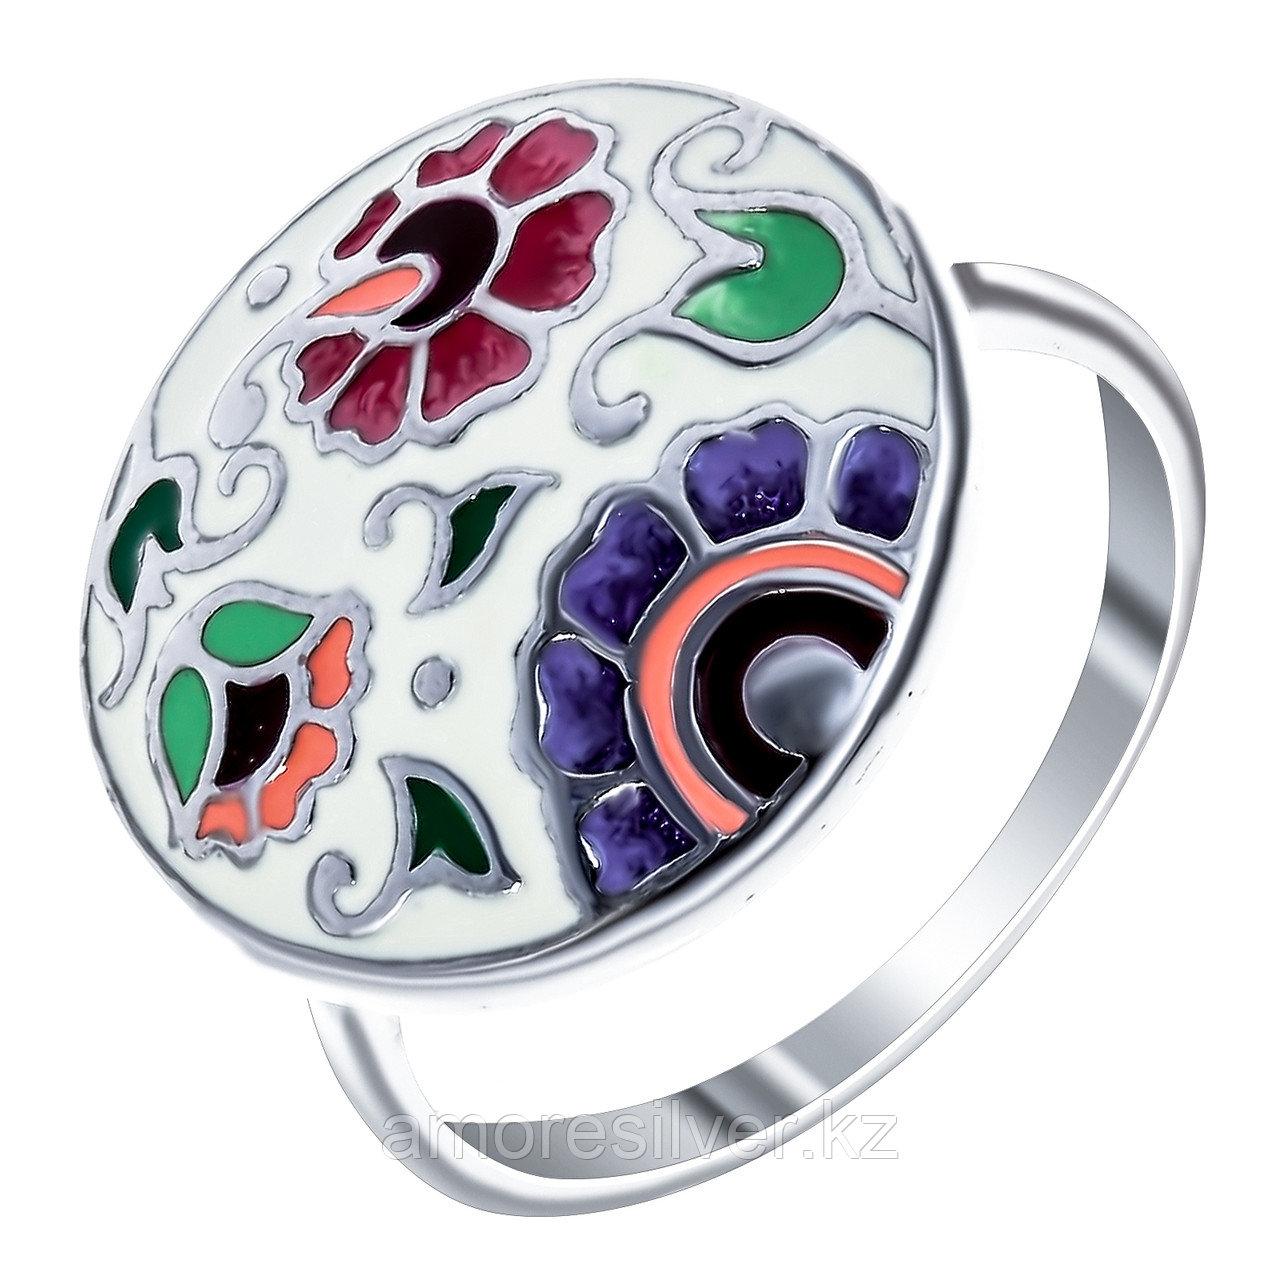 Кольцо Красносельский ювелирпром серебро с родием, без вставок,  3627000331-4